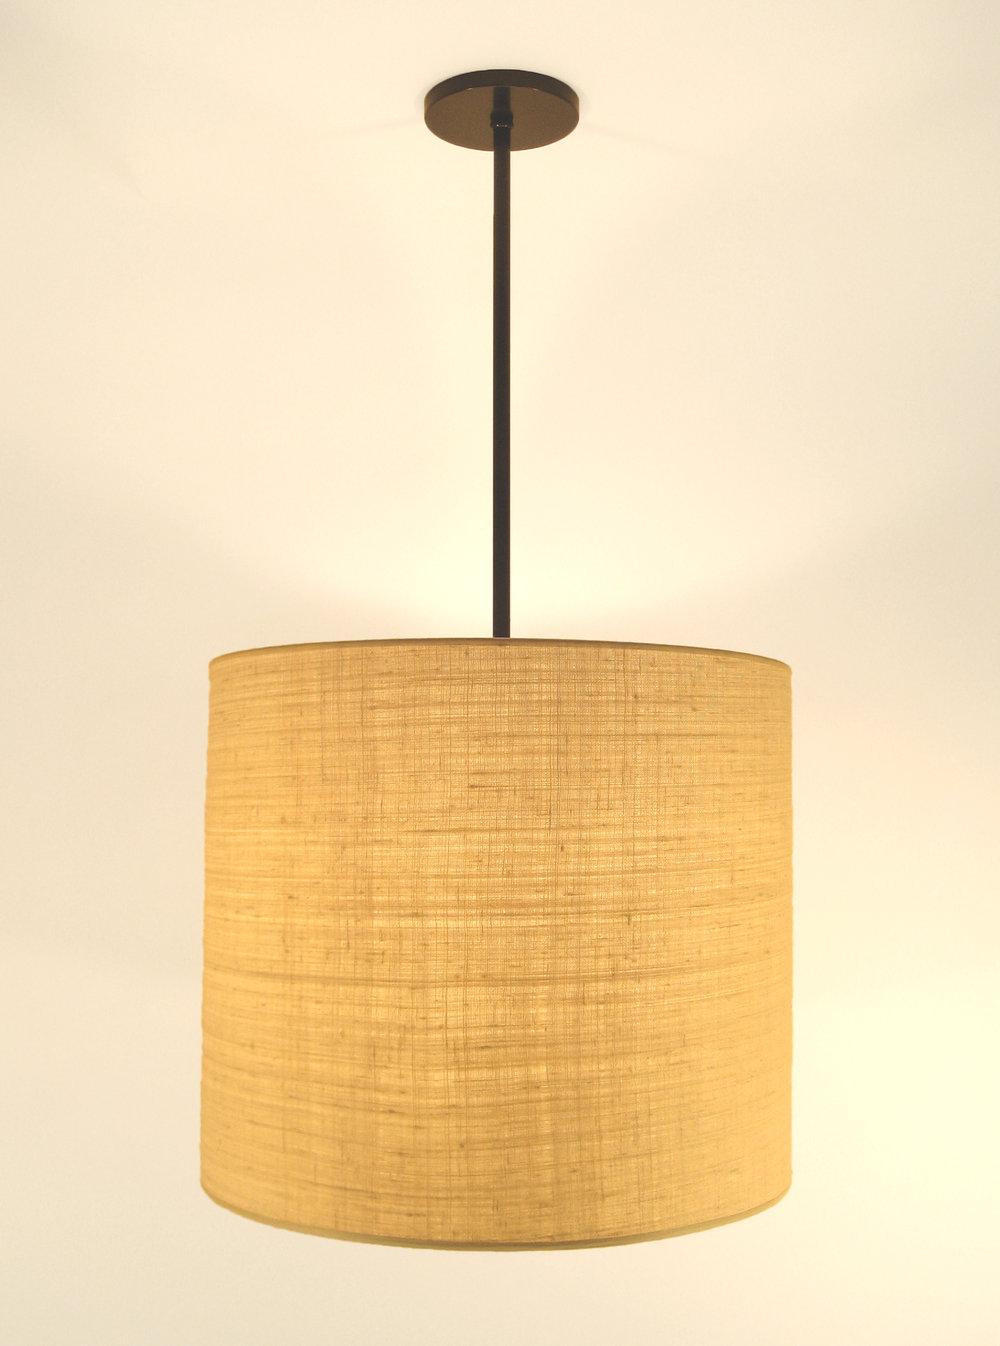 Aldo Pendant  Bronze / beige linen shade.